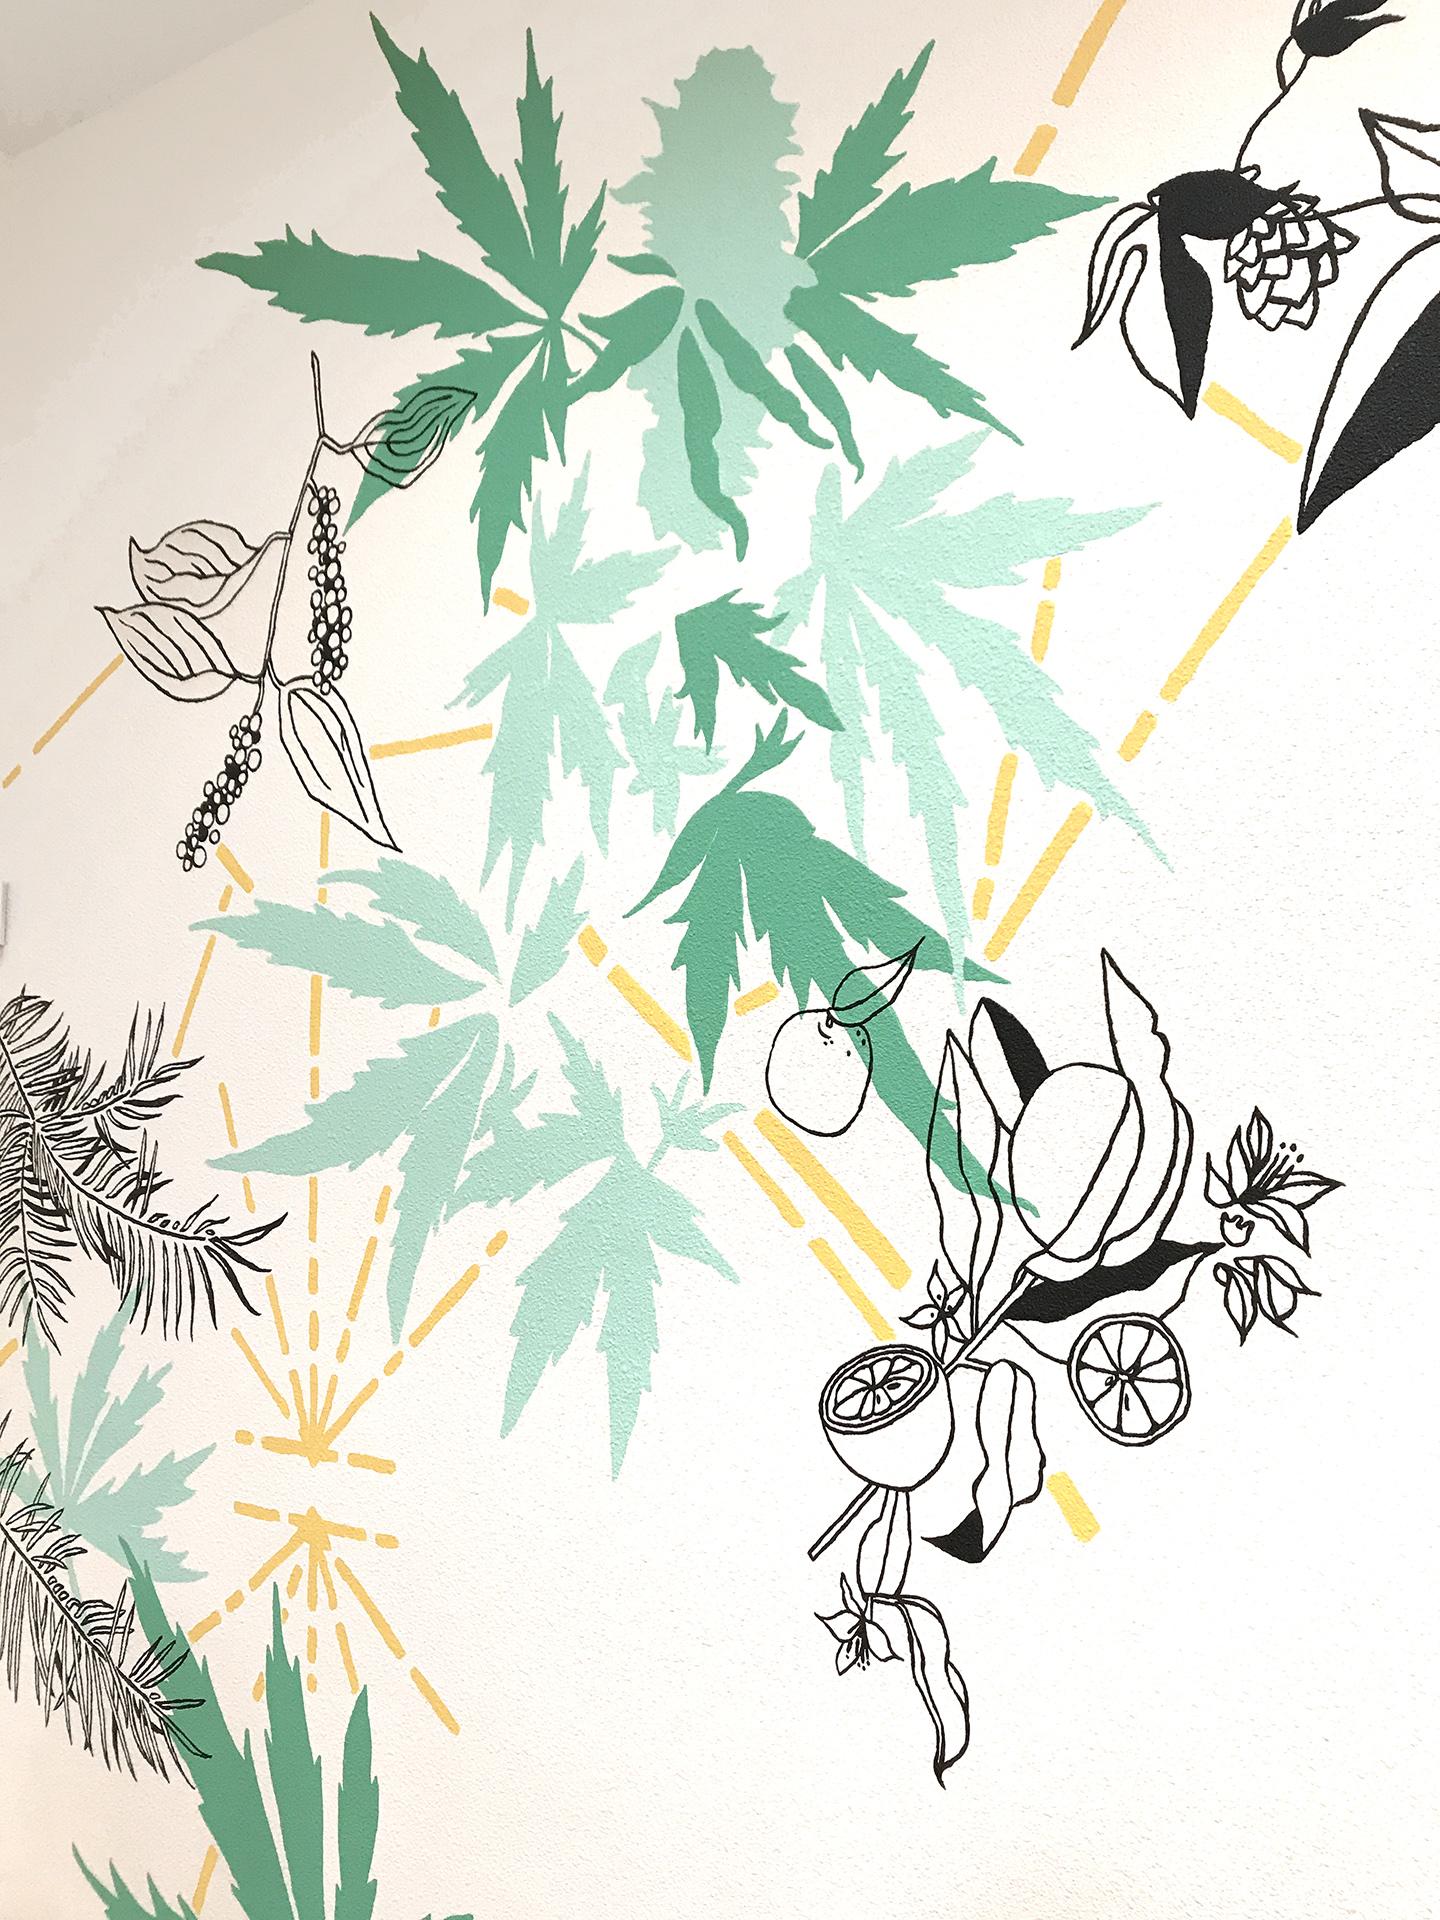 treestar mural detail 2.jpg